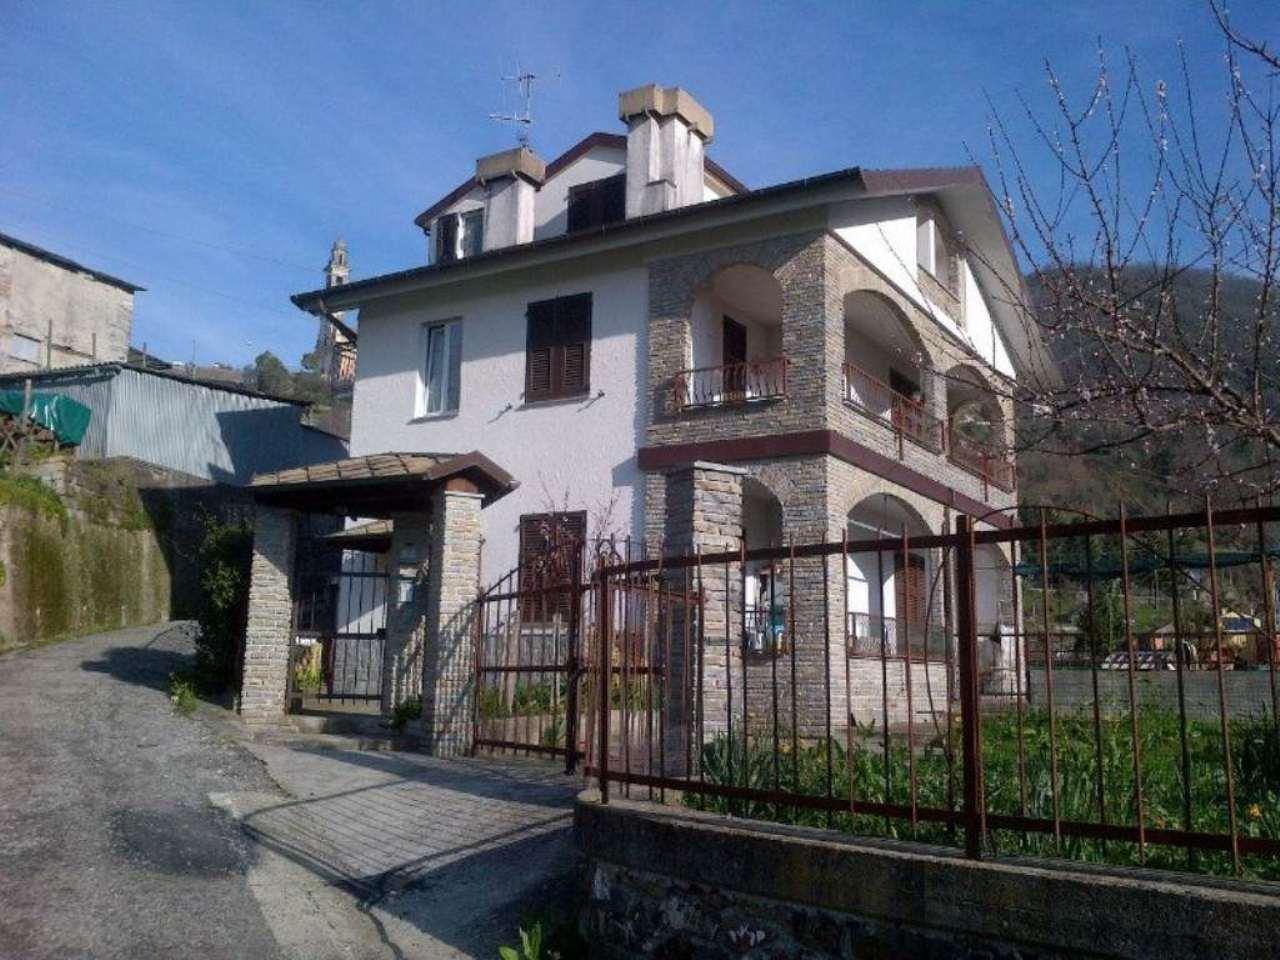 Attico / Mansarda in vendita a Moconesi, 4 locali, prezzo € 99.000 | Cambio Casa.it